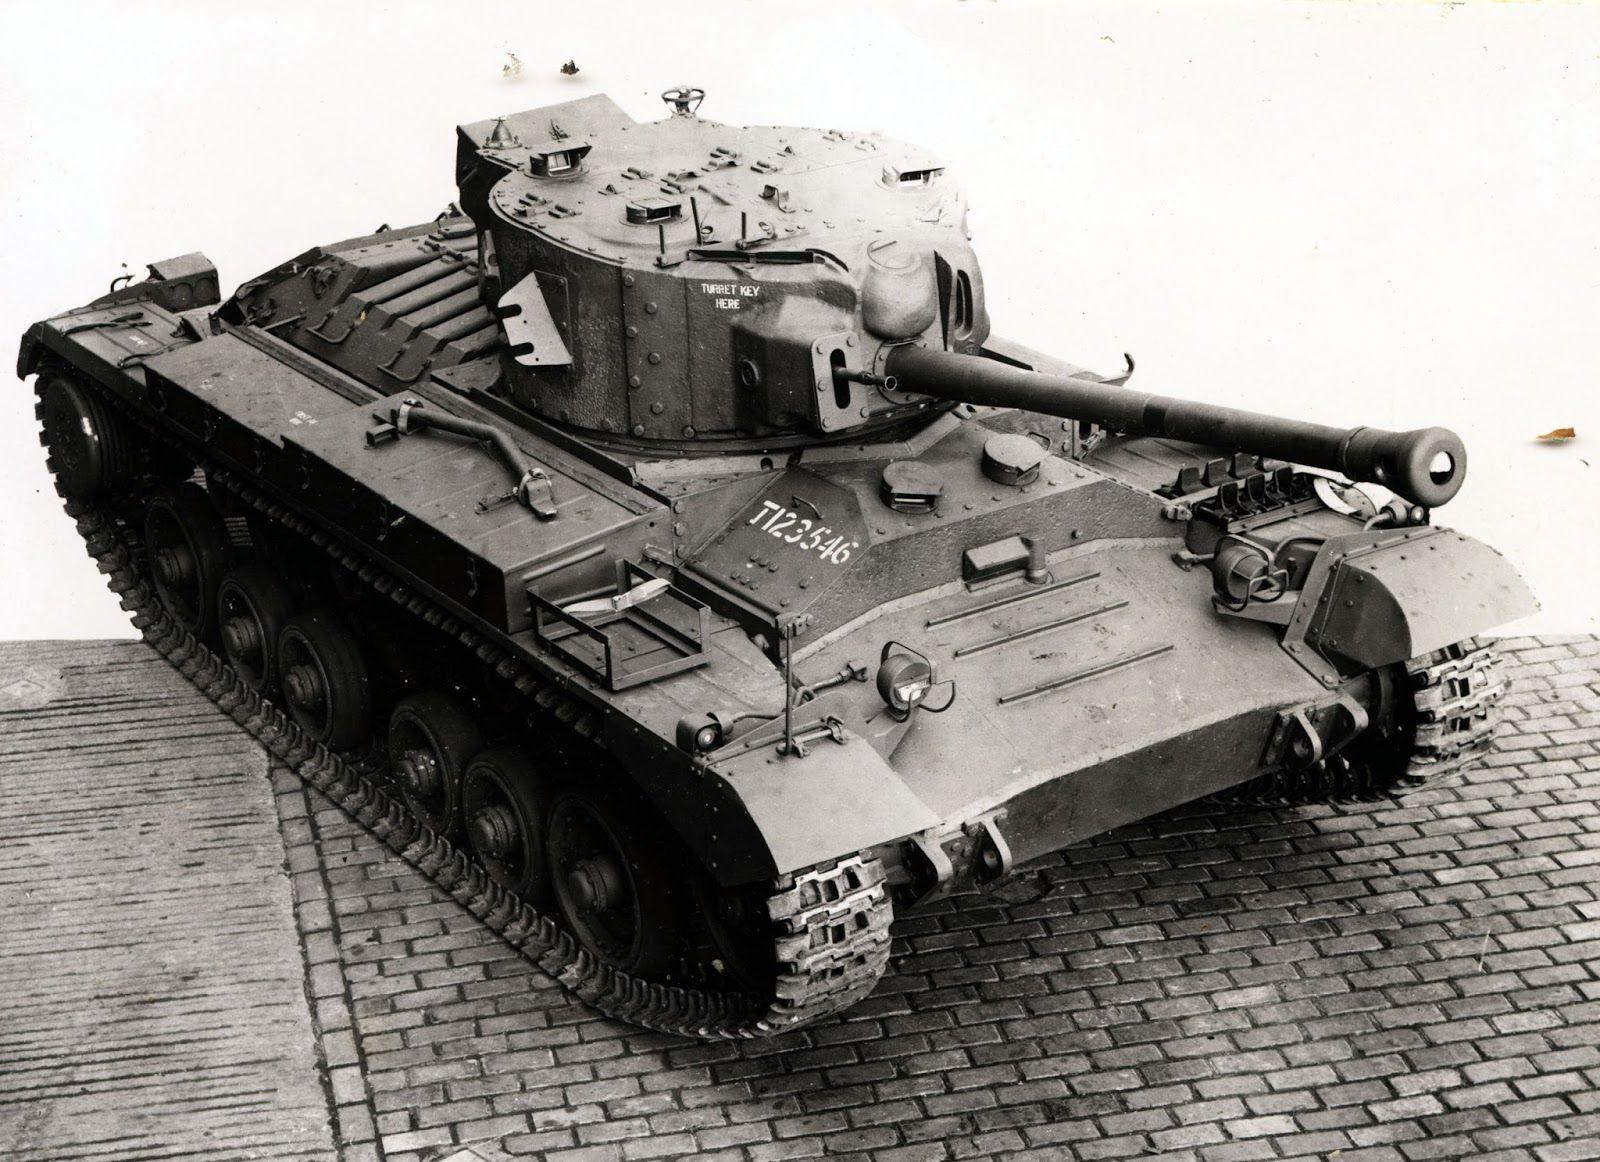 Tank Infantry Mk Iii Valentine Xi Armor Ww2 Tanks Ww2